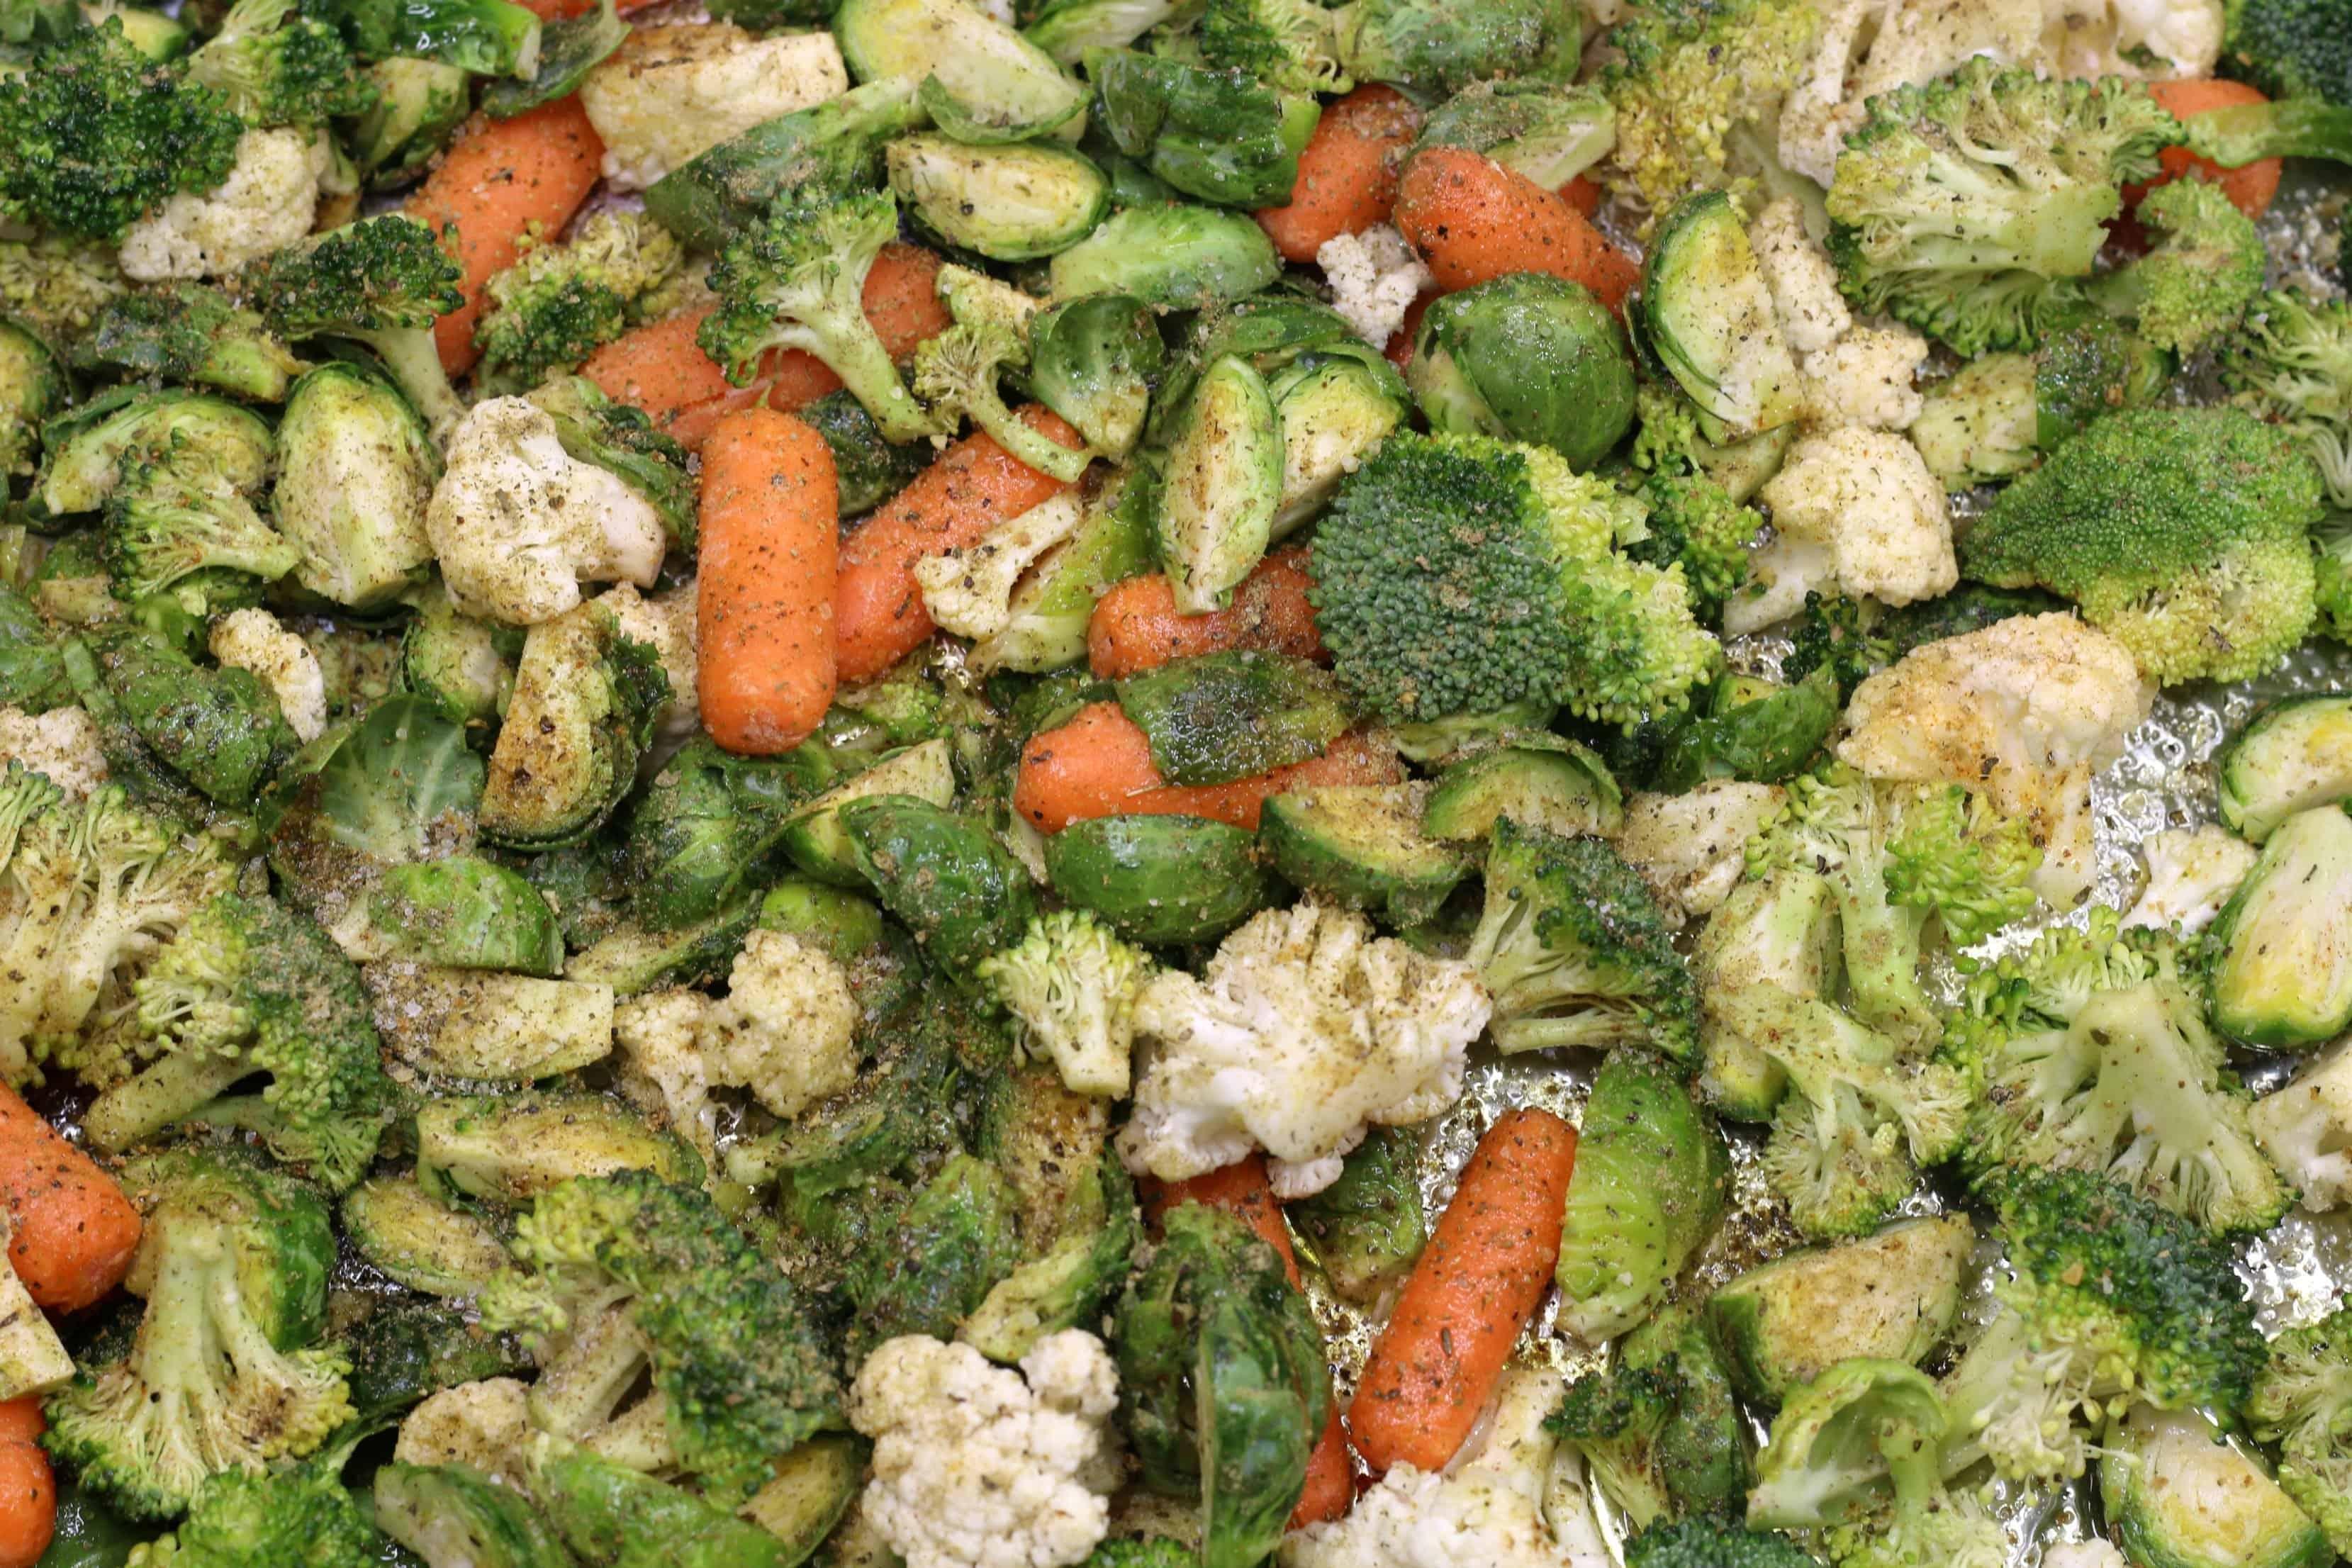 Sheet-pan-veggies-